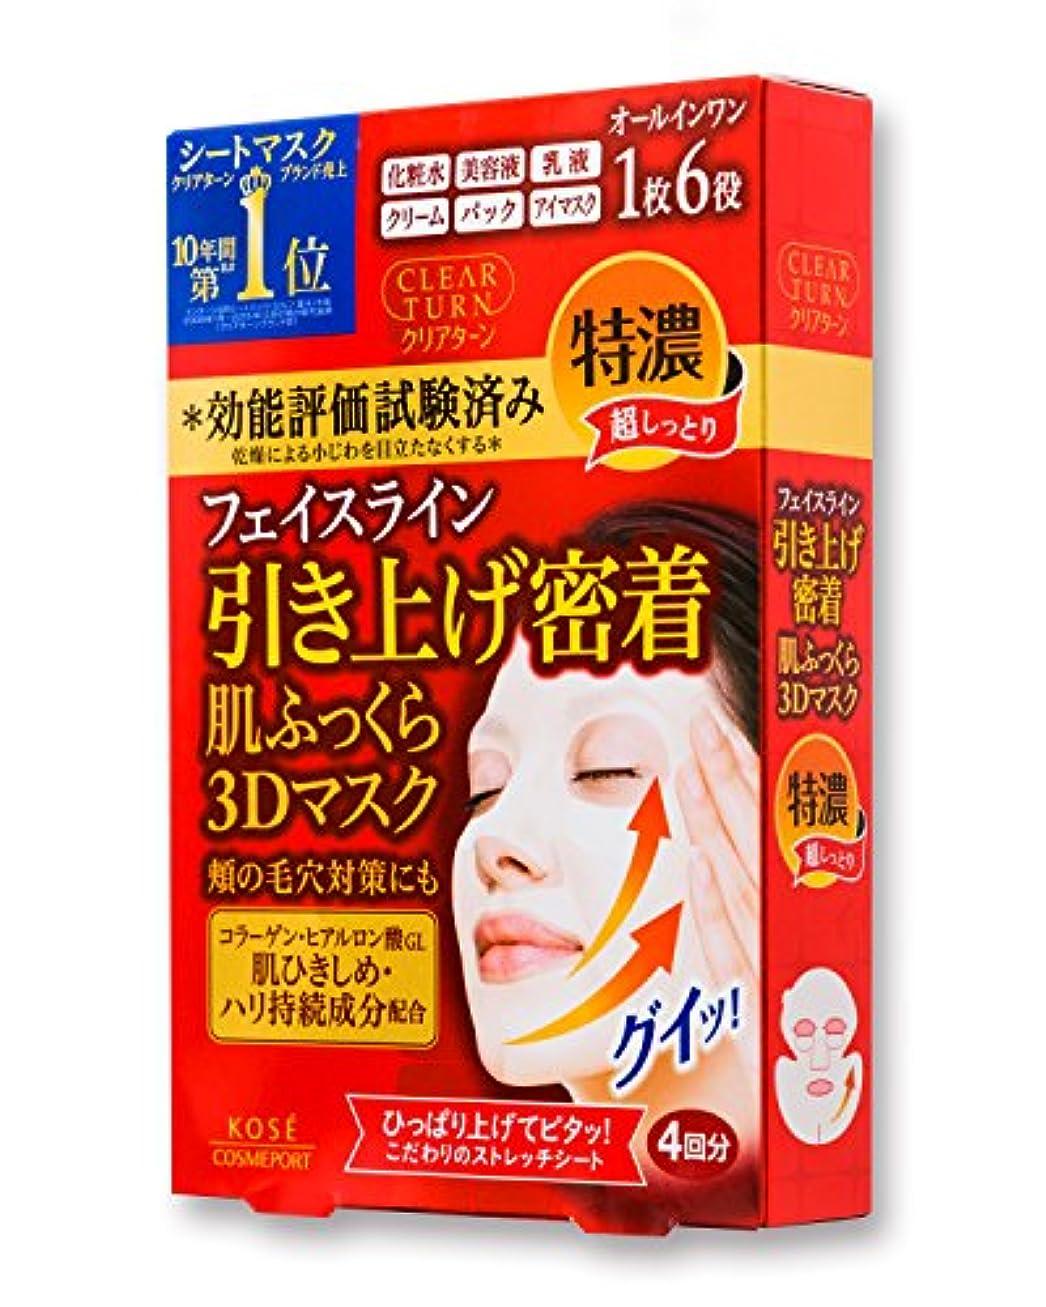 手当消費するテクニカルKOSE コーセー クリアターン 肌ふっくら モイスト リフト マスク 4枚 フェイスマスク